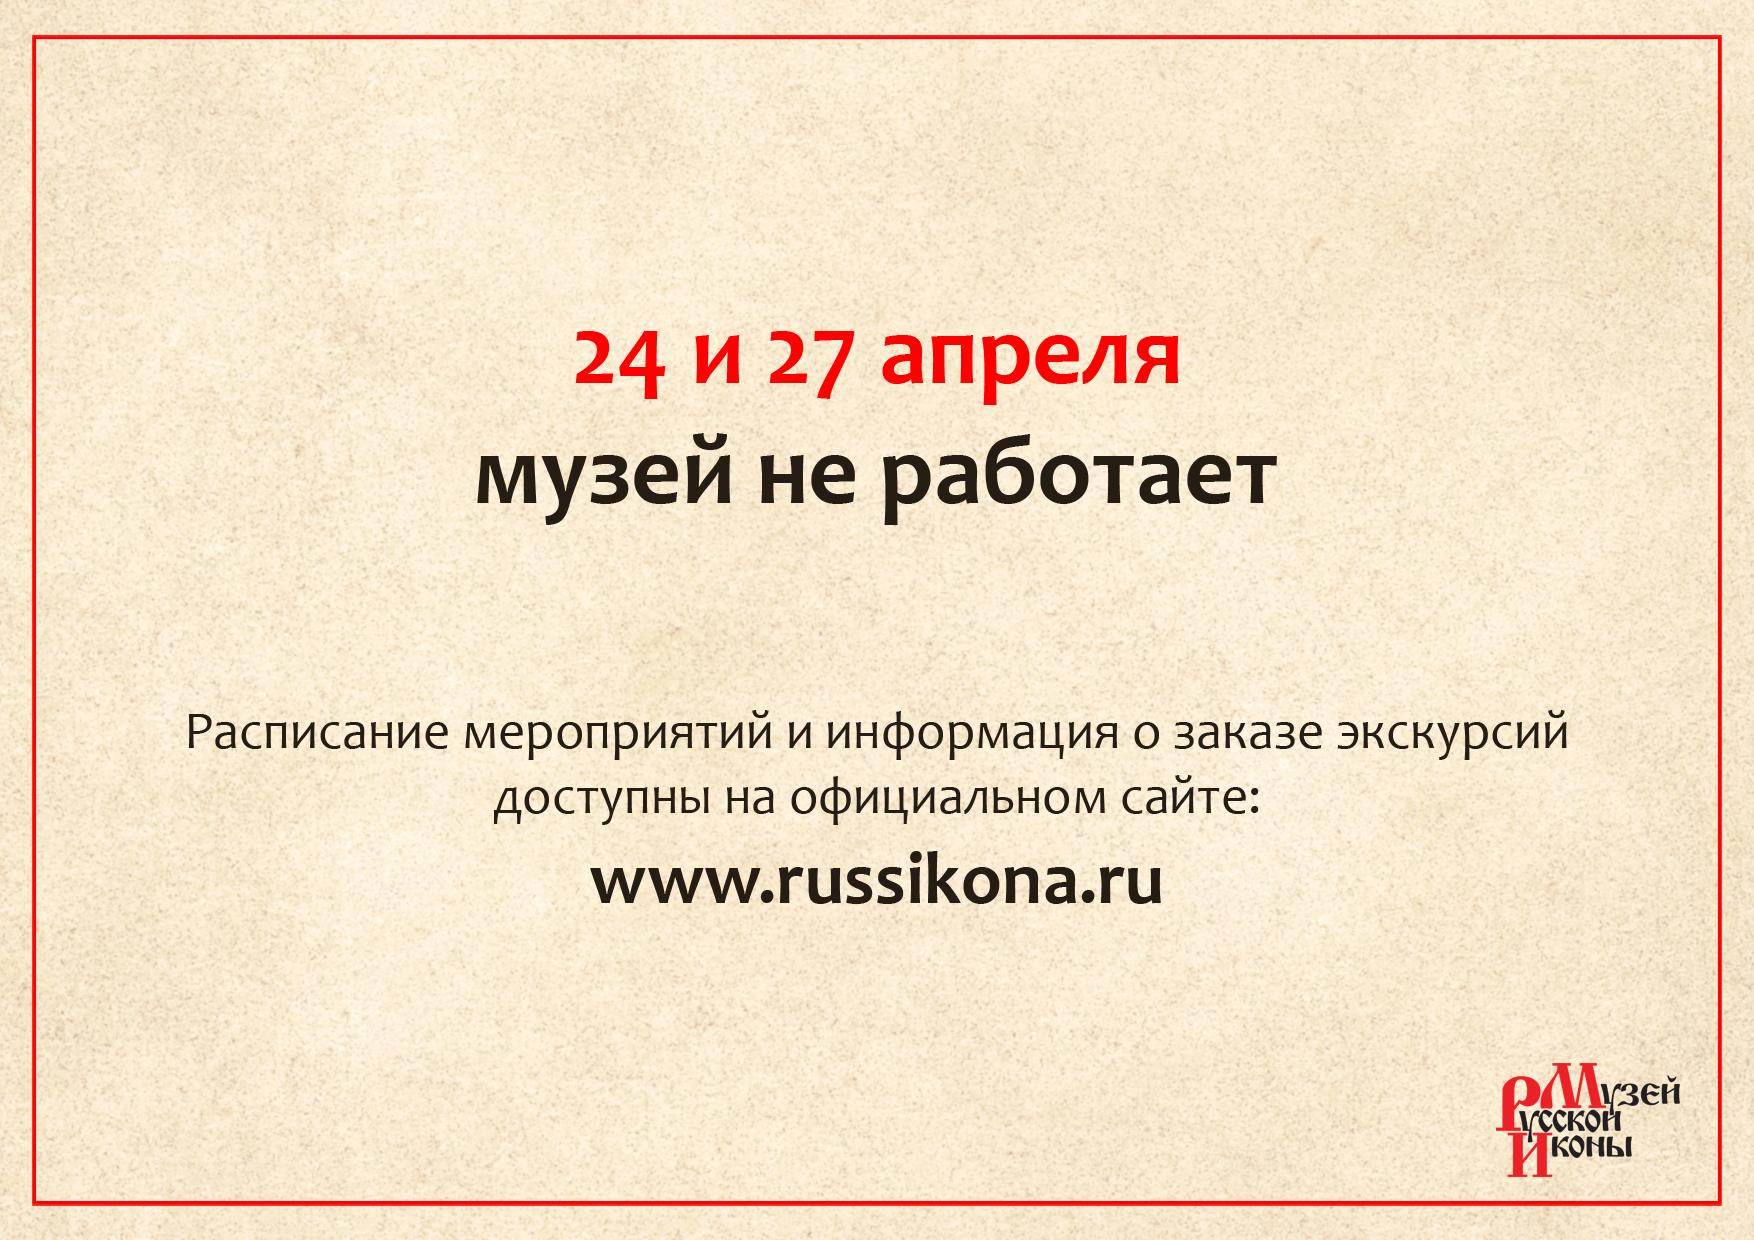 24 и 27 апреля музей закрыт